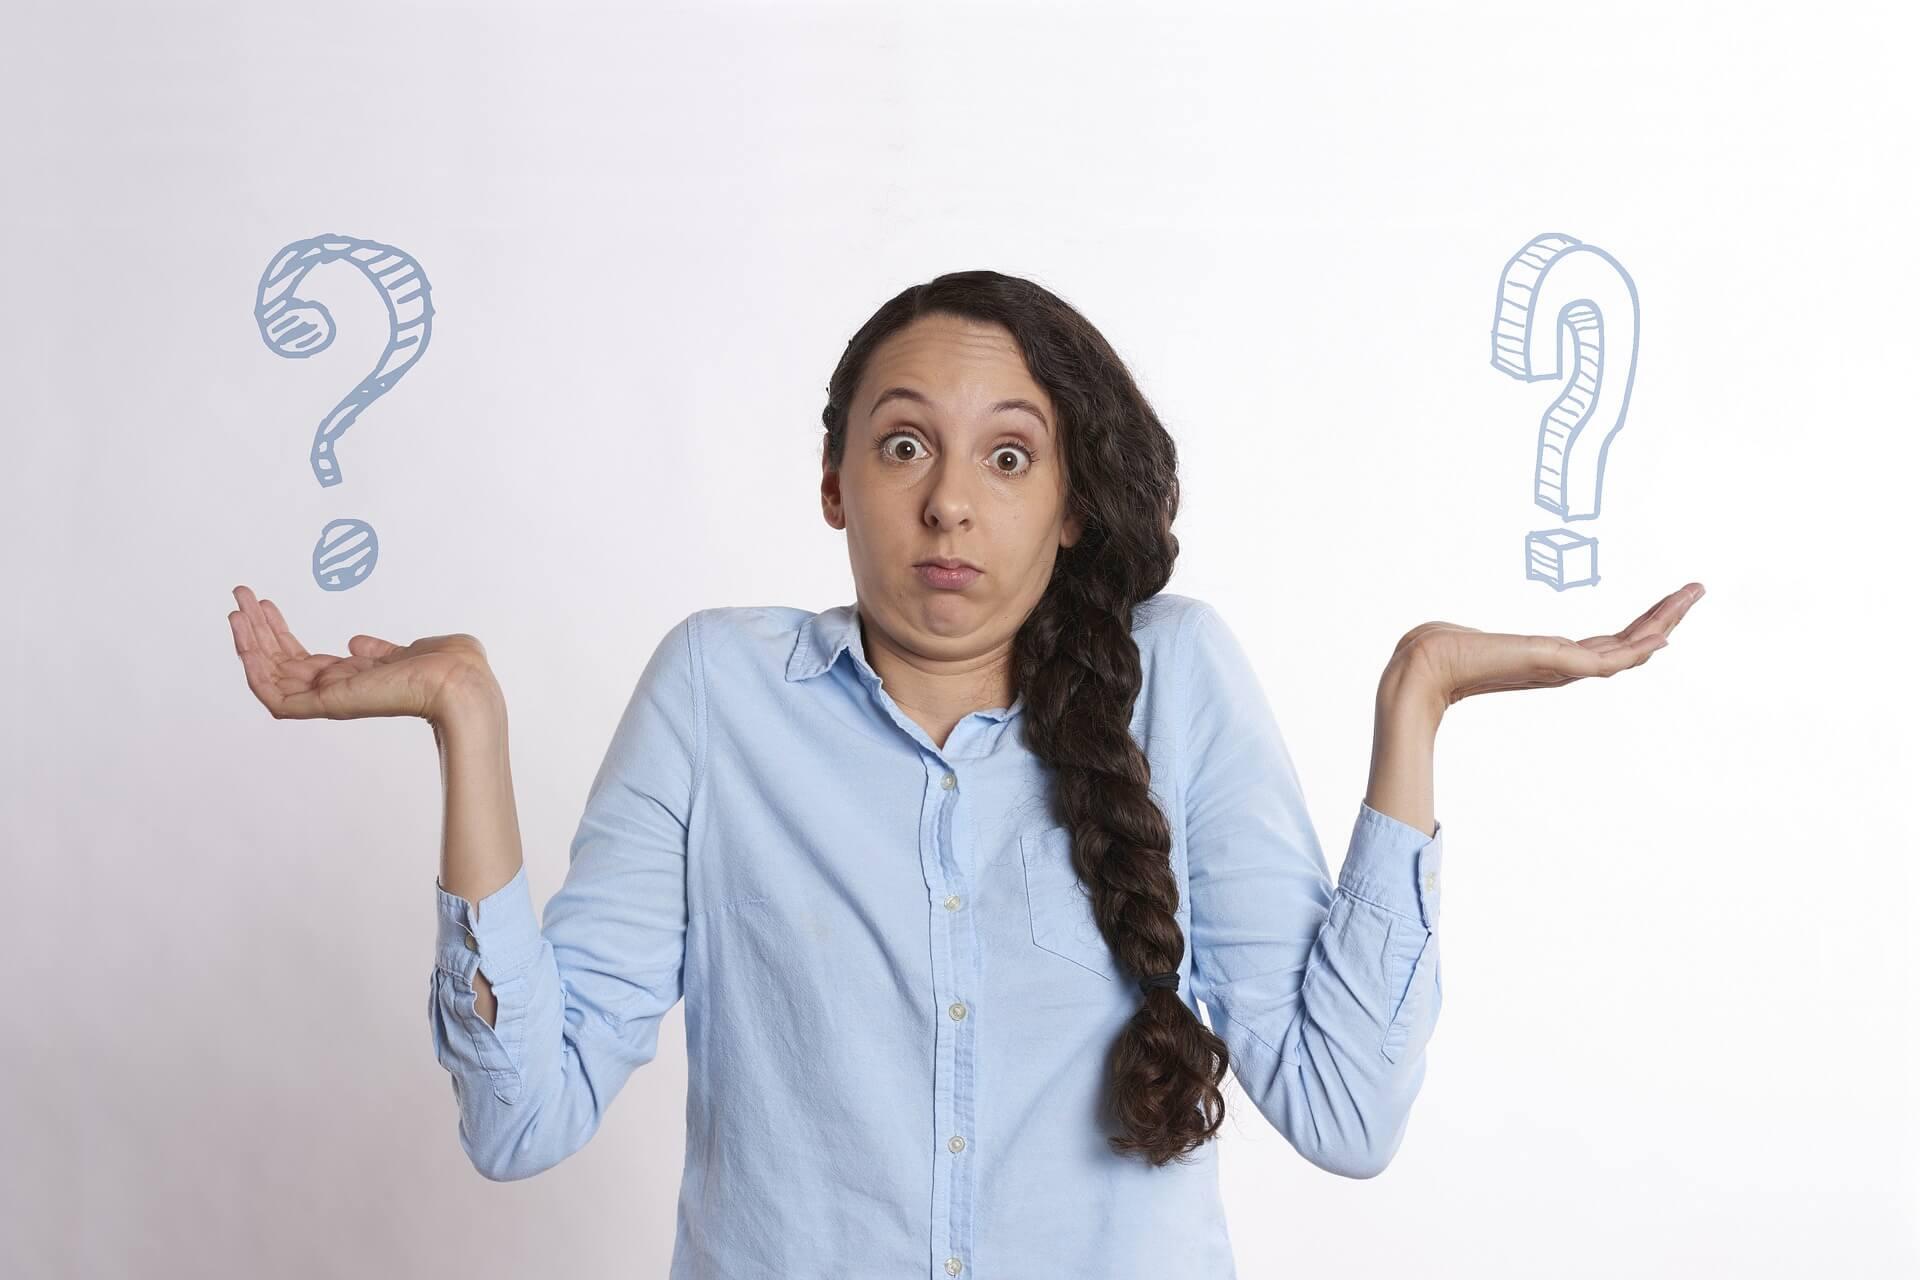 משלמים על ביטוח תאונות אישיות מחיר יקר? כך תוזילו אותו בקלות